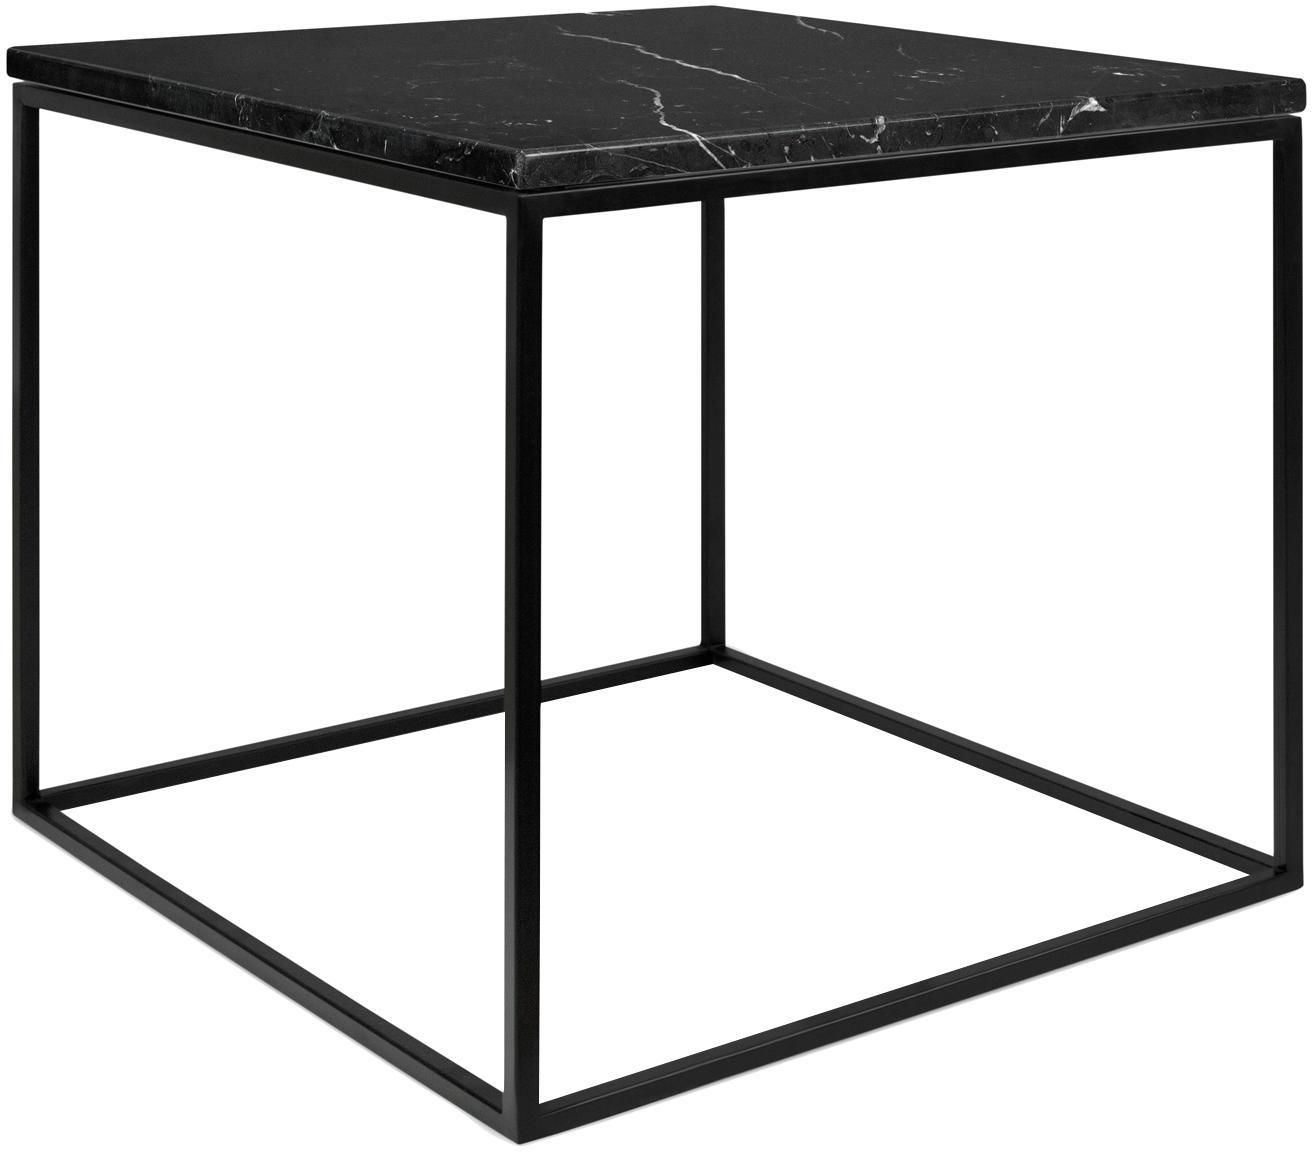 Marmor-Beistelltisch Gleam, Tischplatte: Marmor, Gestell: Stahl, lackiert, Tischplatte: Schwarz, marmoriert<br>Gestell: Schwarz, 50 x 45 cm